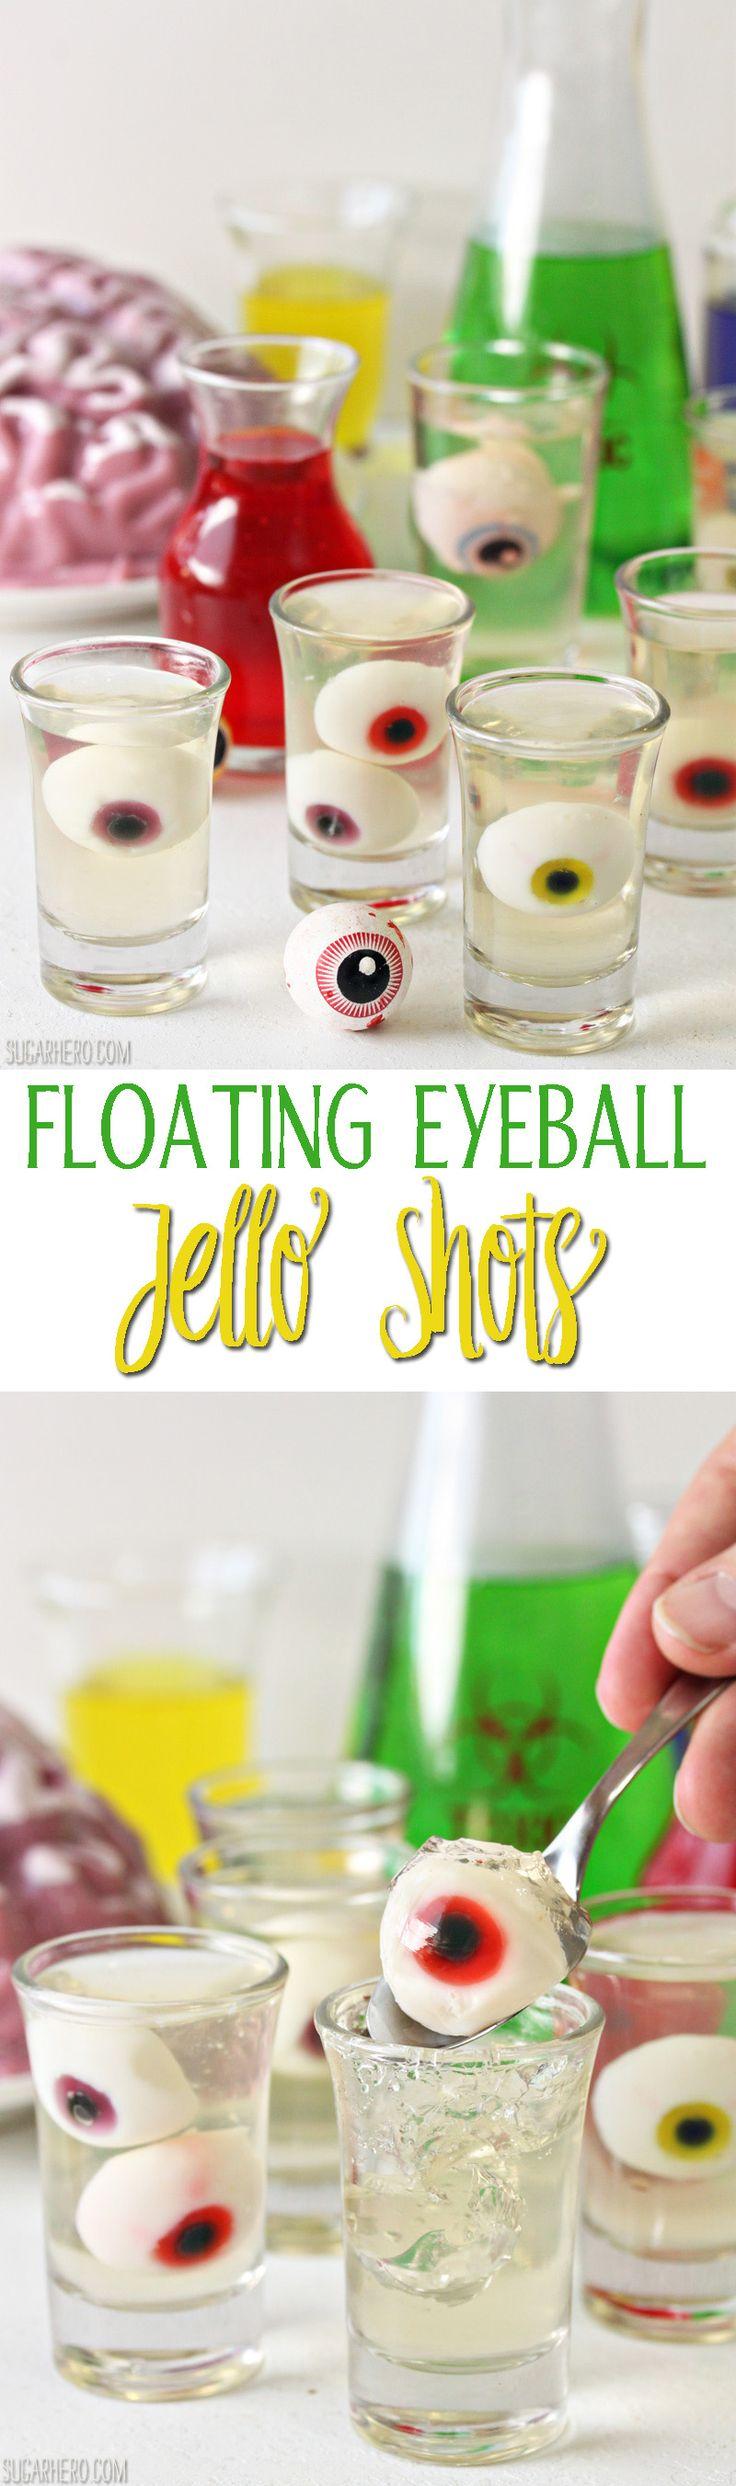 Floating Eyeball Jello Shots - so easy (and so creepy!) for Halloween | From SugarHero.com